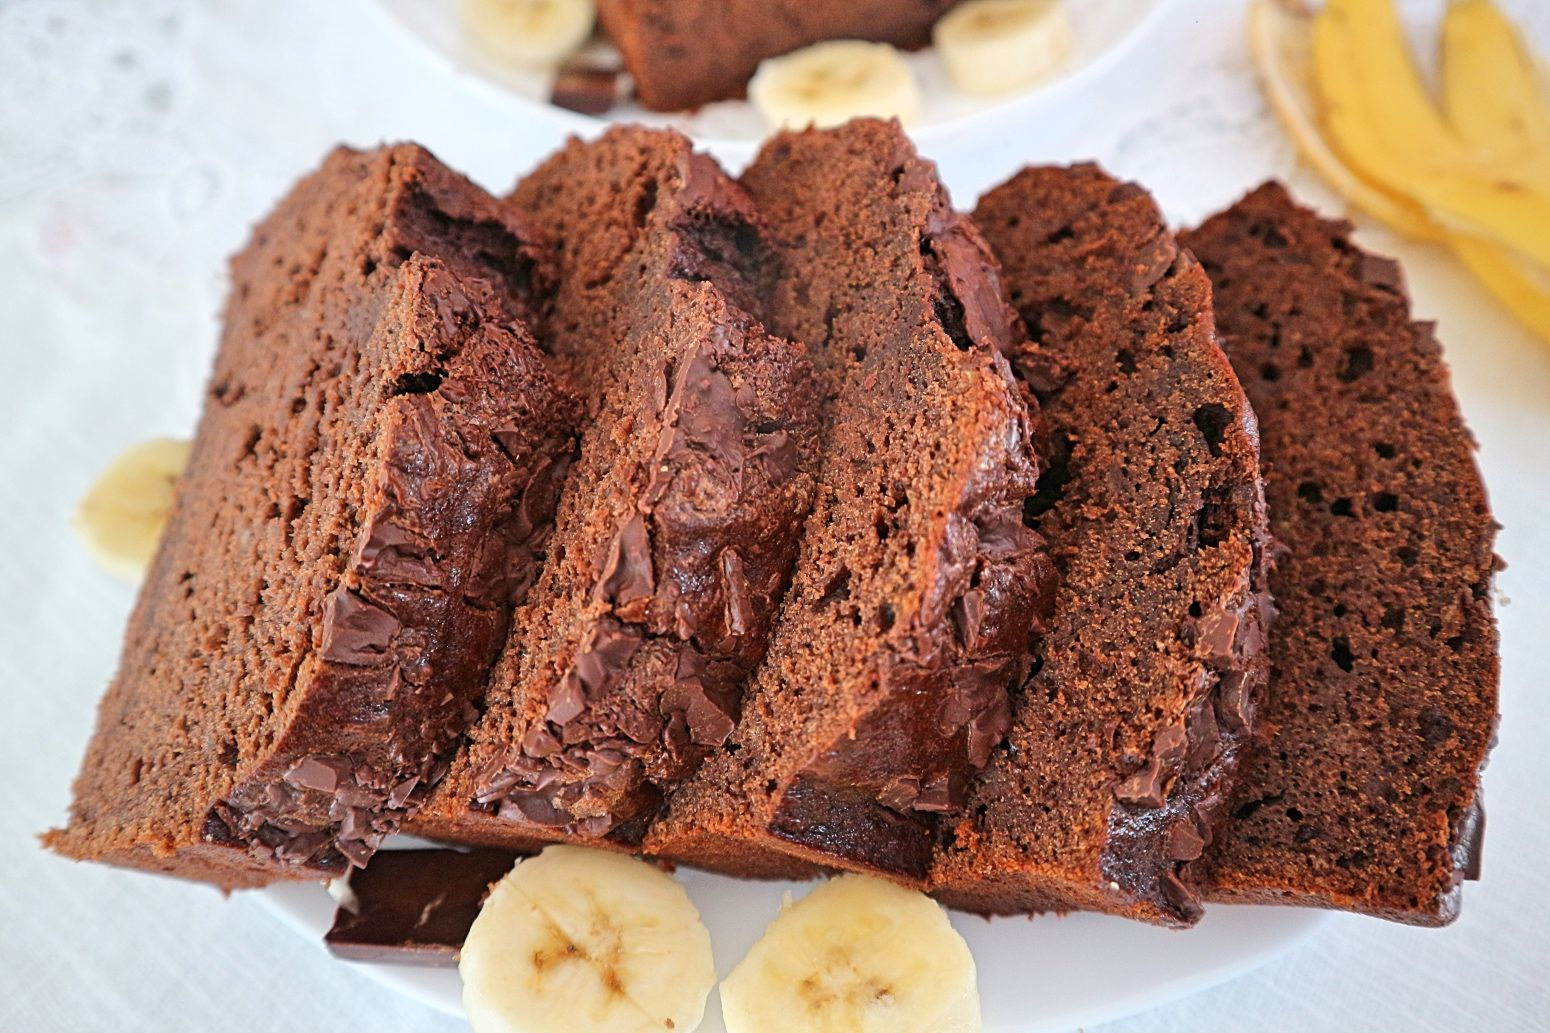 Schoko-Bananen-Kuchen: Rezept für saftigen Schokokuchen mit Bananen